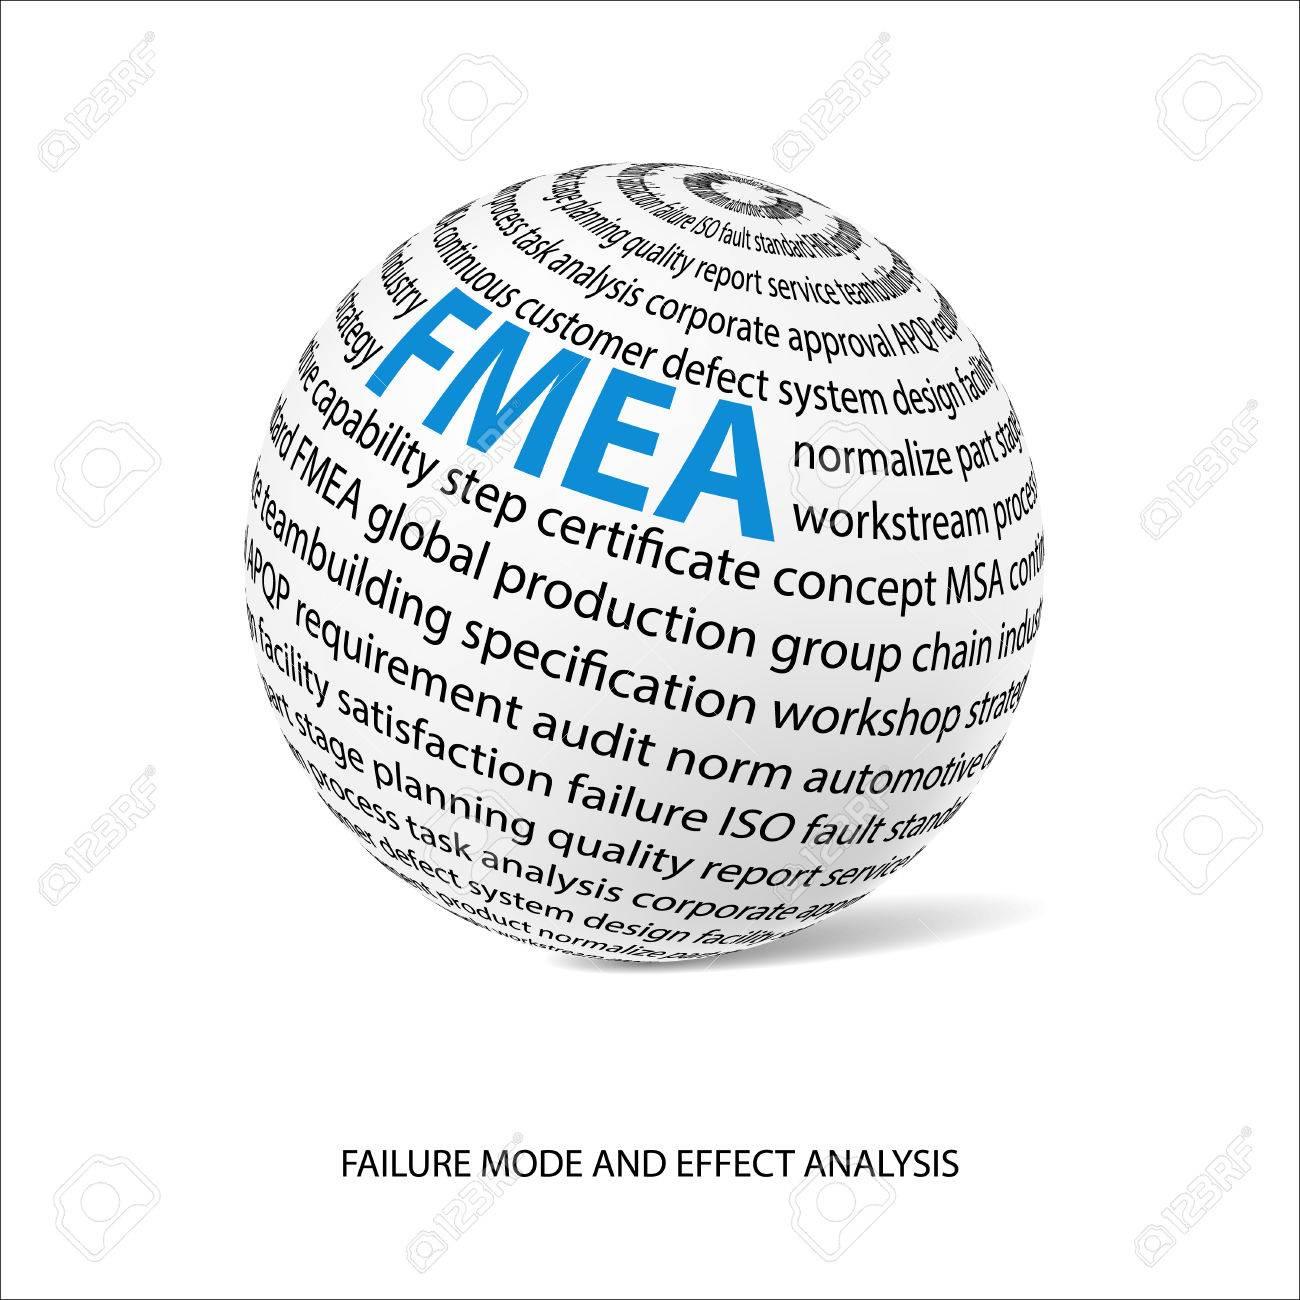 故障モードと影響解析の単語ボールメインの白いボールは FMEA を ...